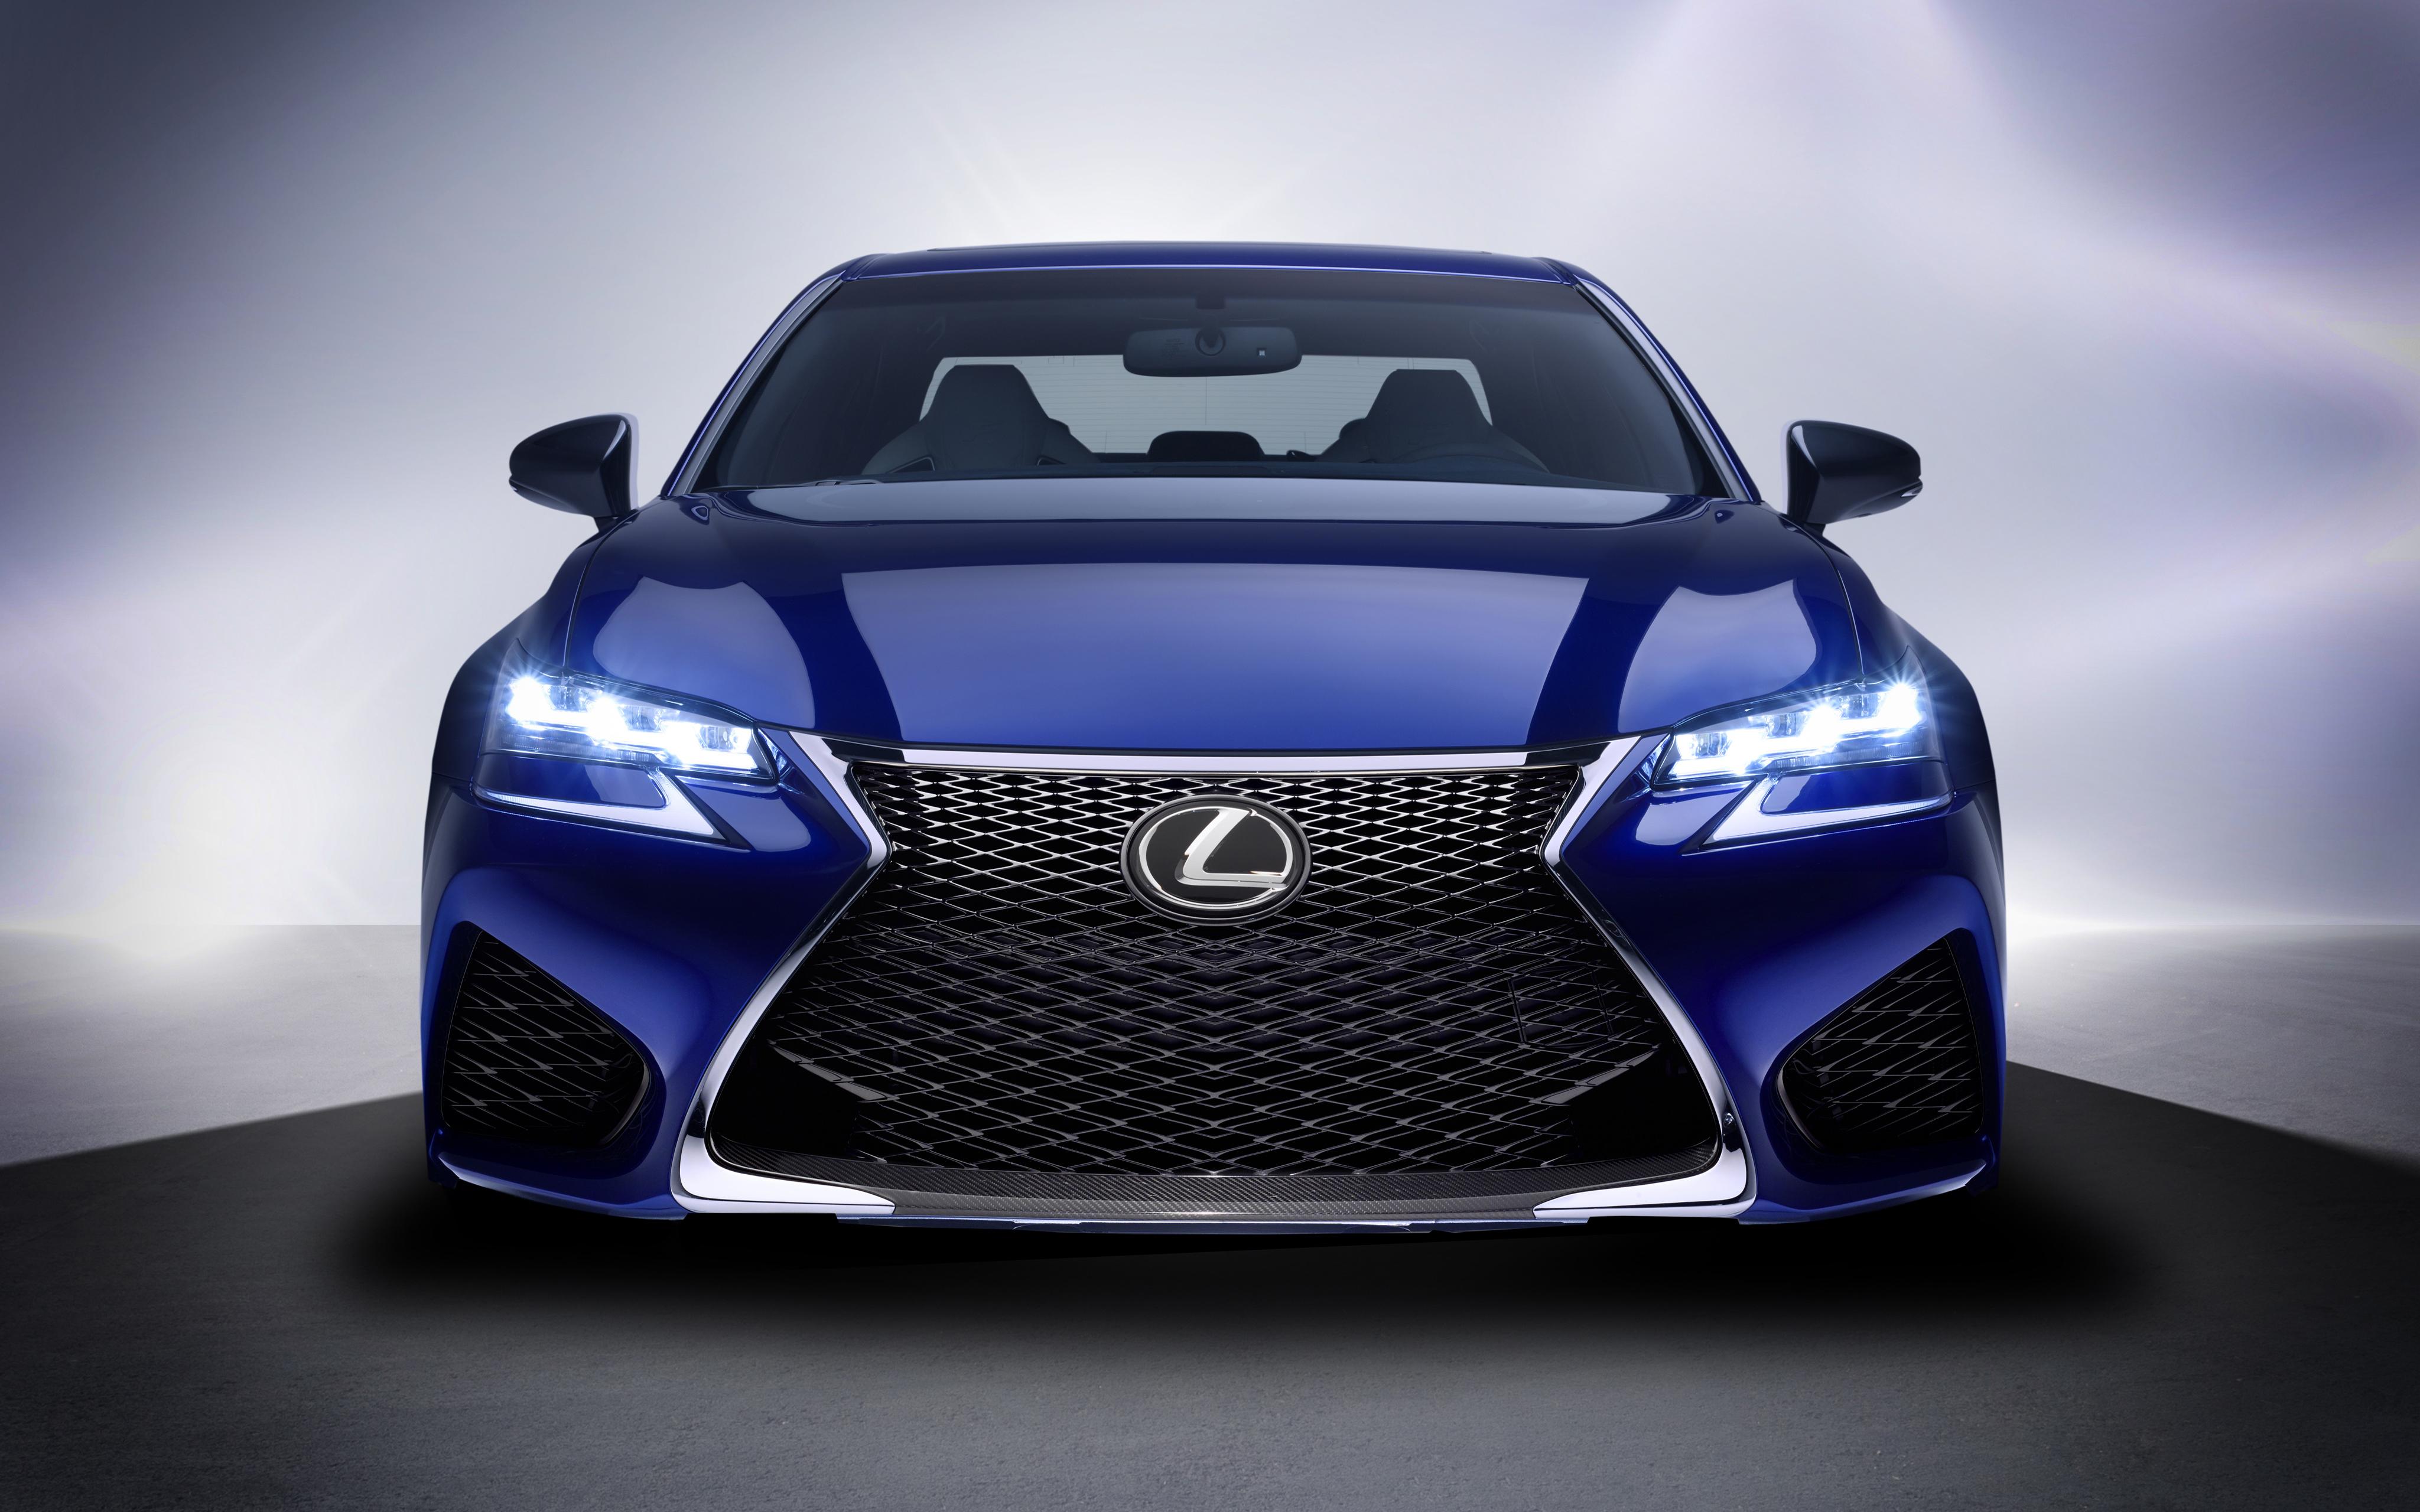 156076 Hintergrundbild herunterladen Lexus, Cars, Vorderansicht, Frontansicht, Lexus Gs F - Bildschirmschoner und Bilder kostenlos